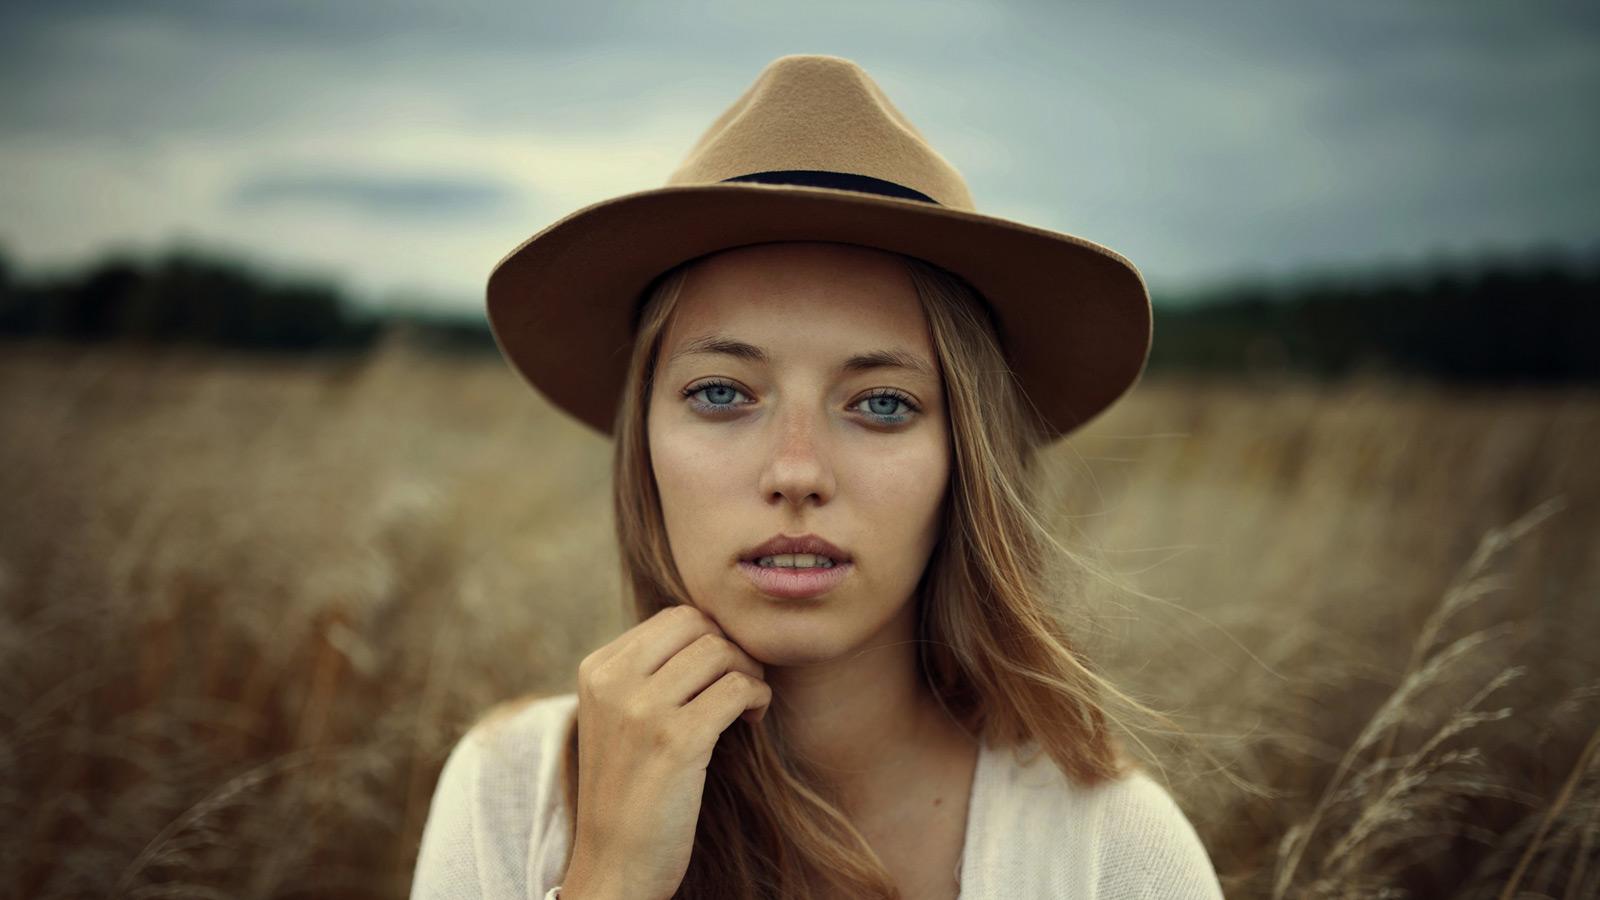 Foto vom Gesicht einer jungen Frau